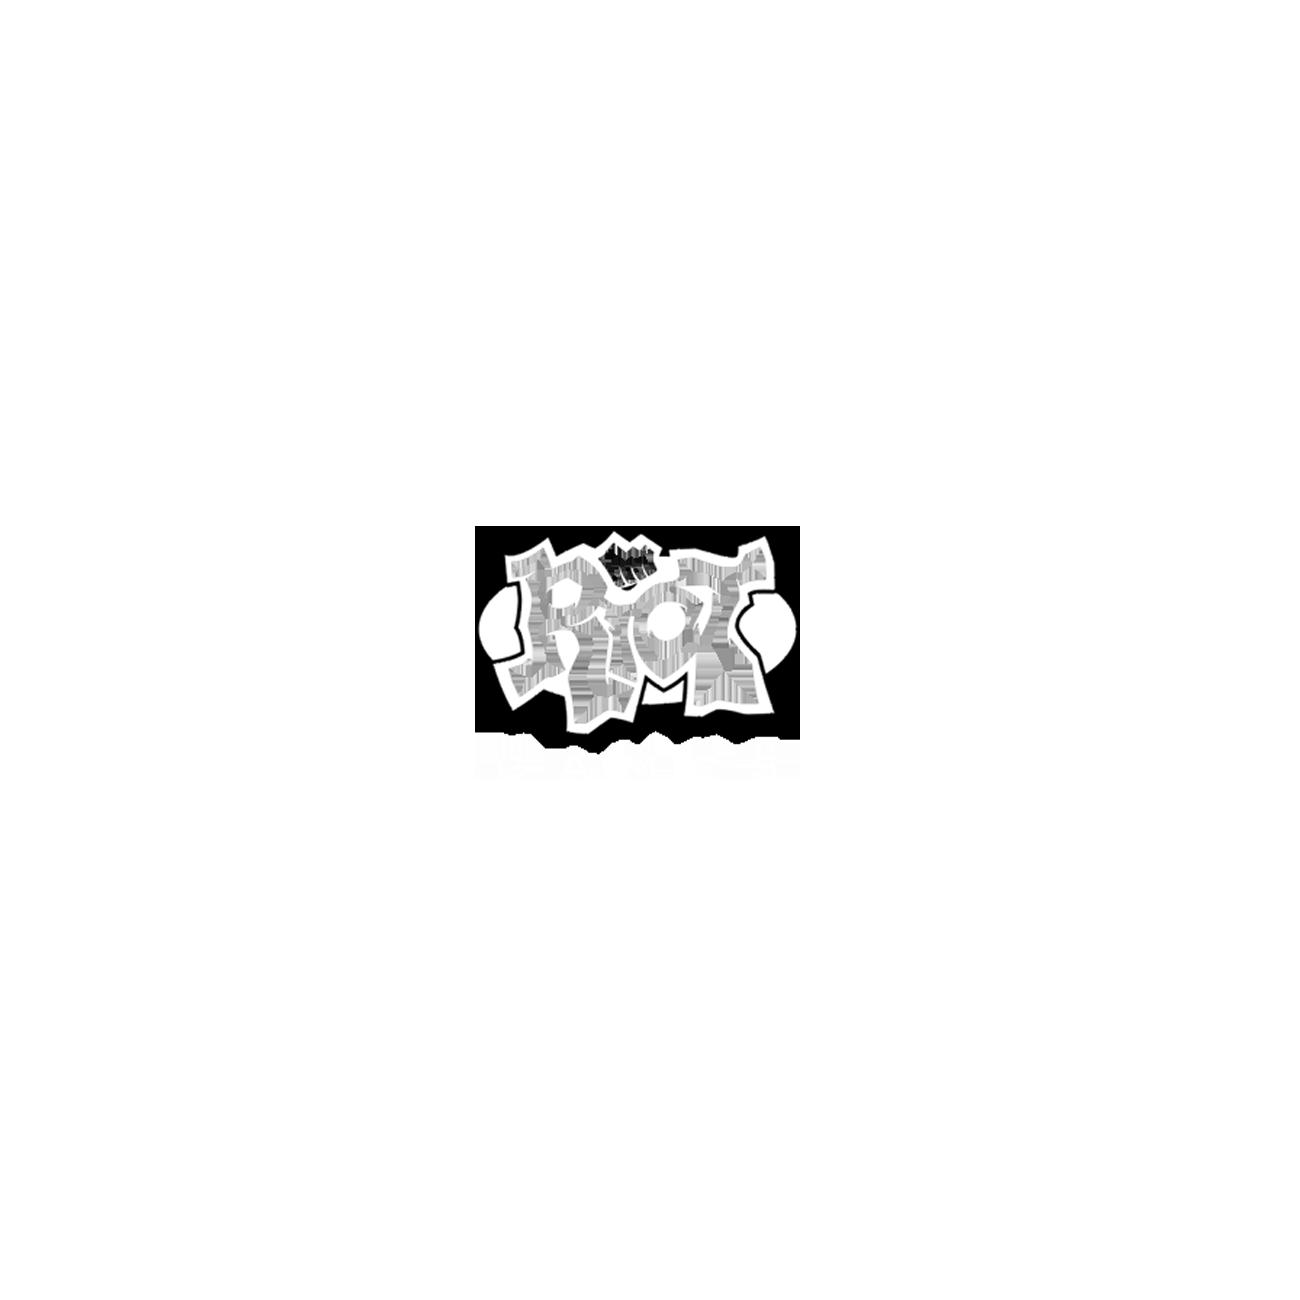 studiolo_riotgames.png